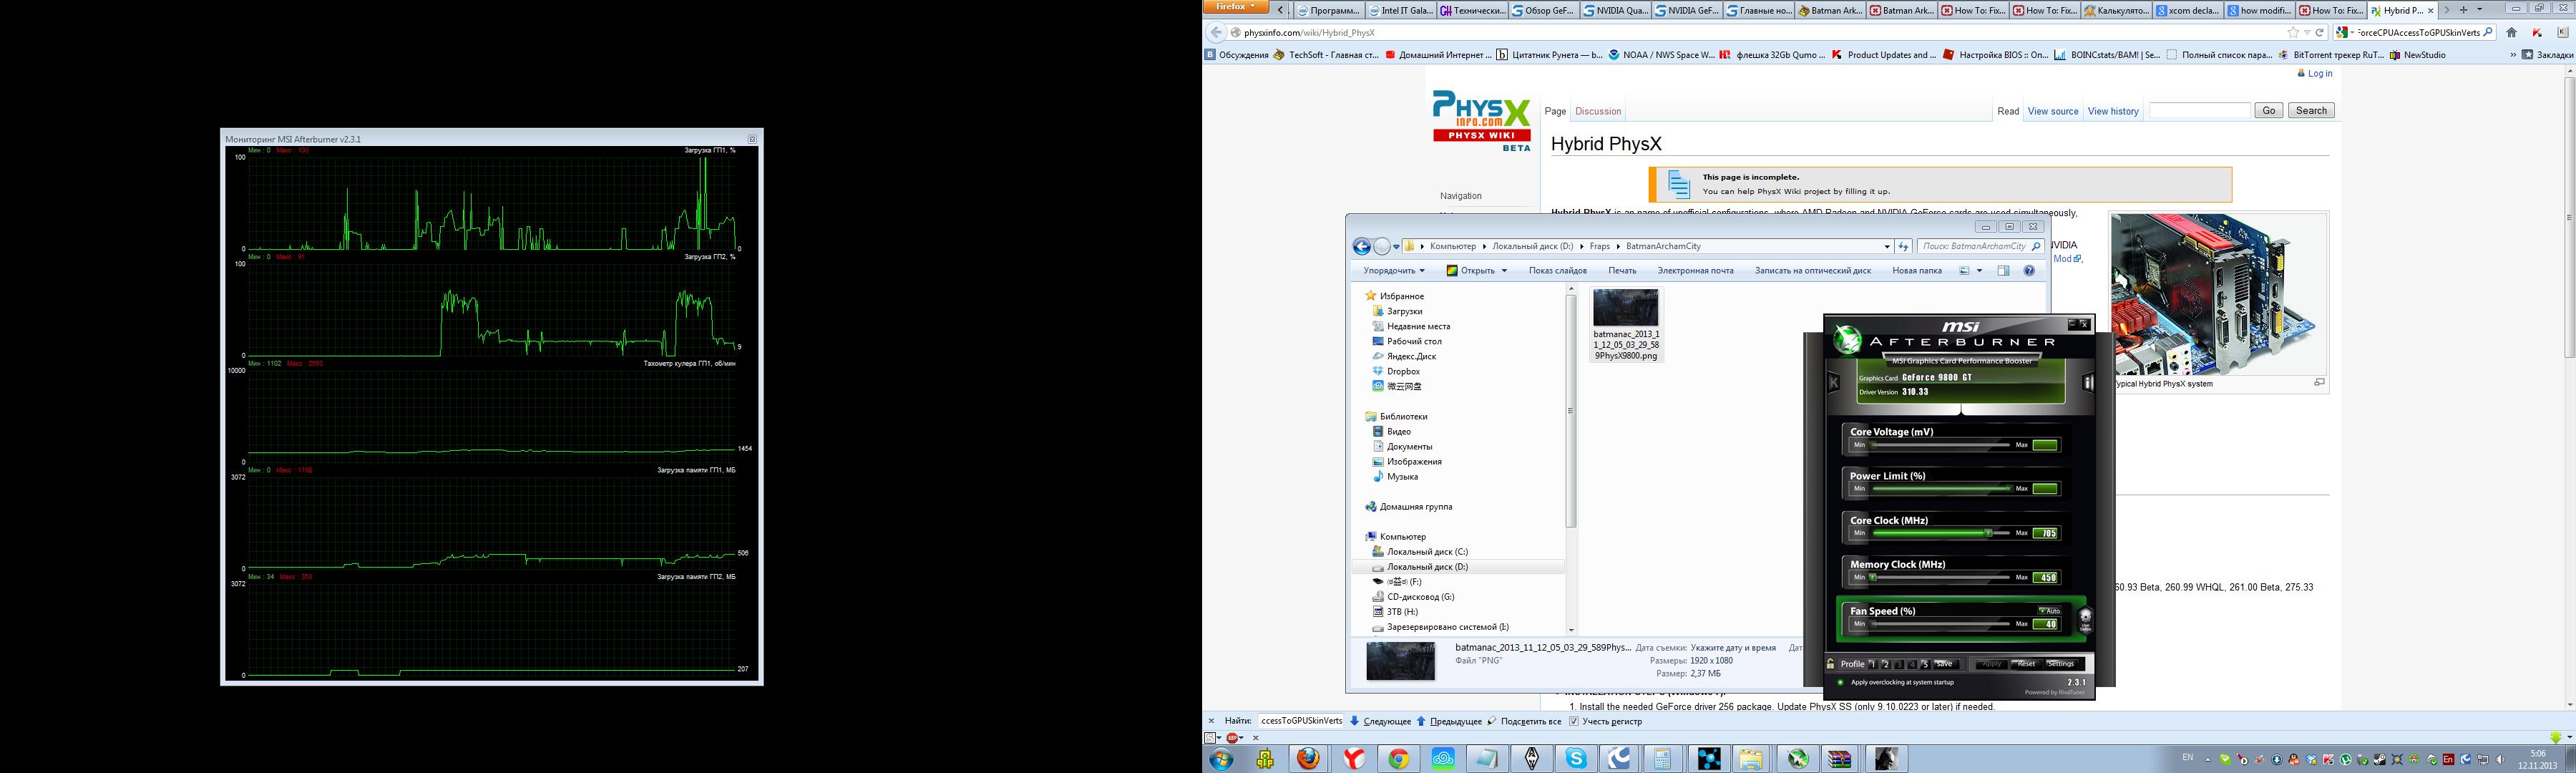 Скачать драйверу physx для windows 10 64 bit